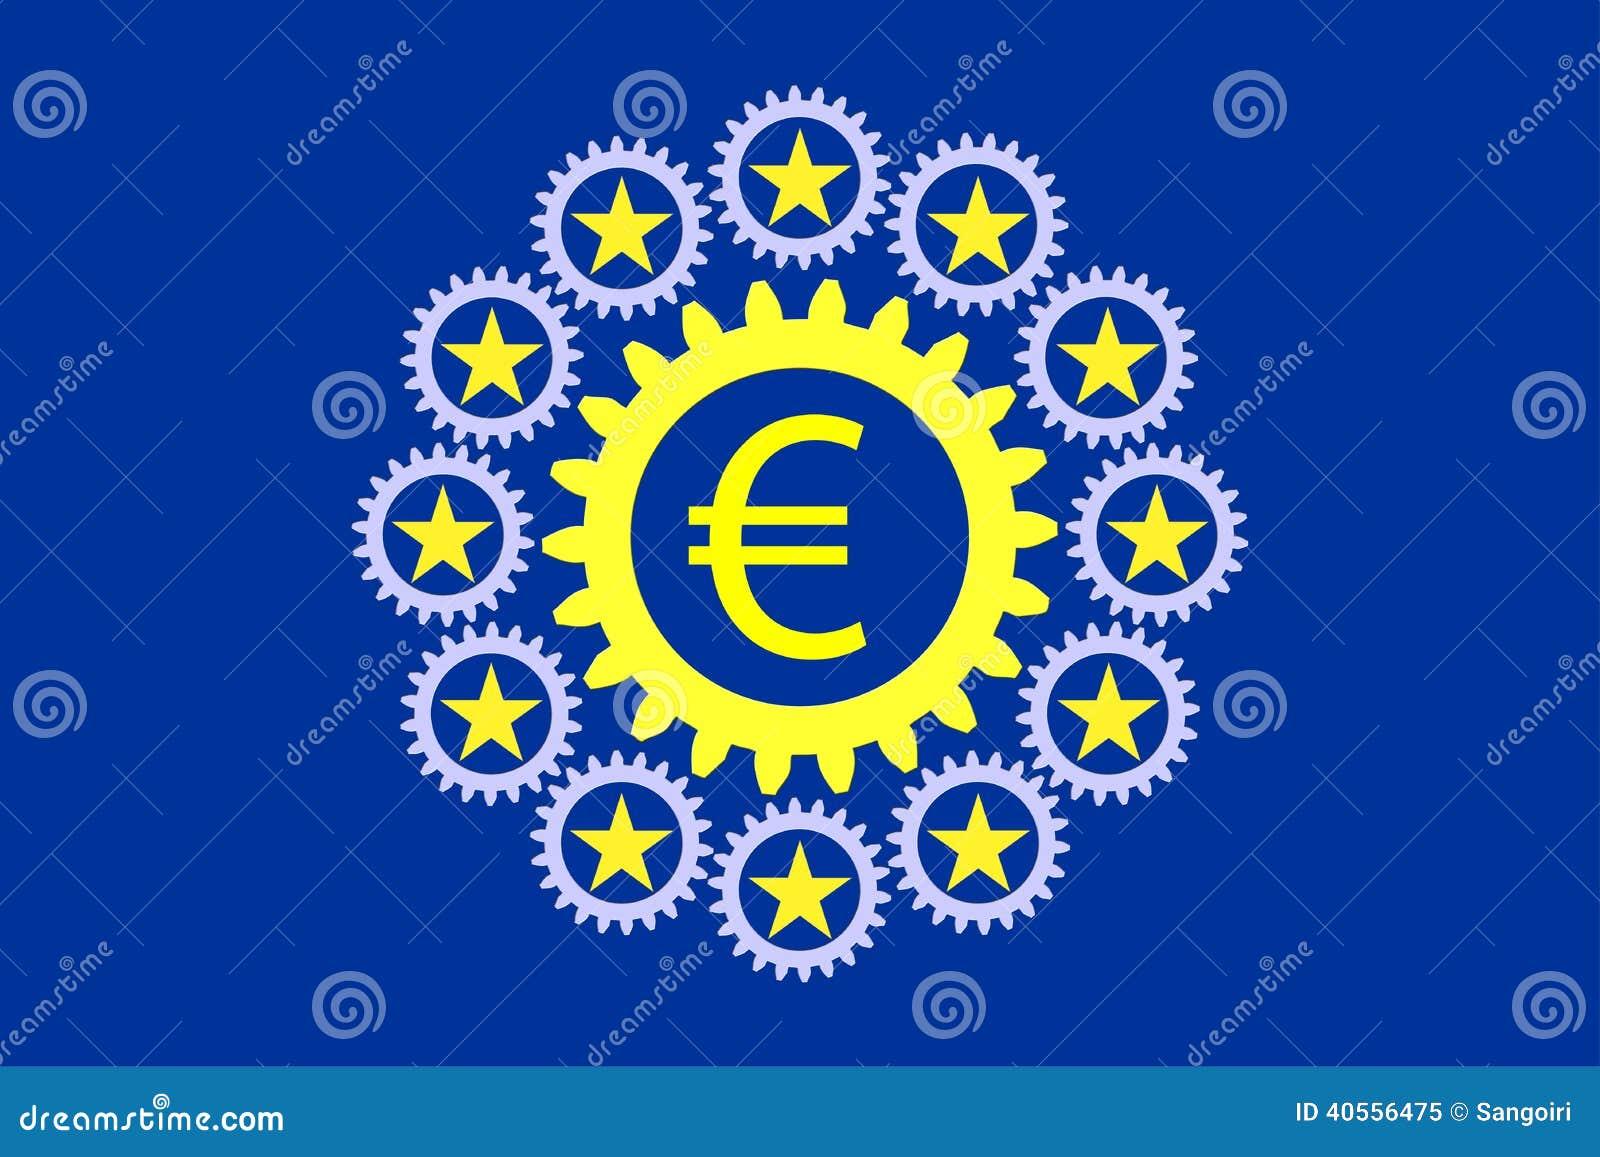 United Europe